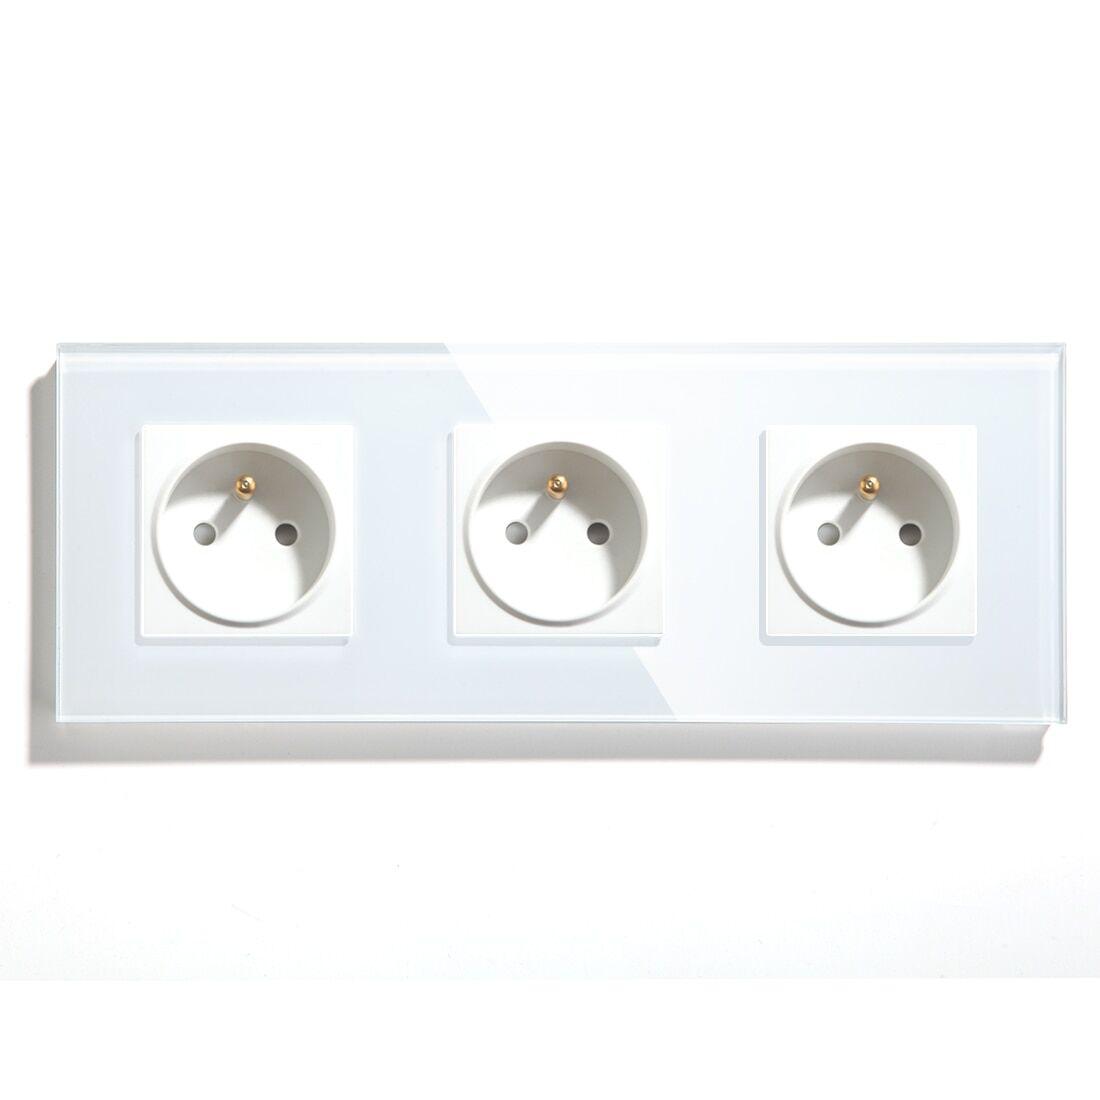 AliExpress Bgraine – prise électrique murale Triple Standard France, panneau en verre cristal, 110-240V, blanc,